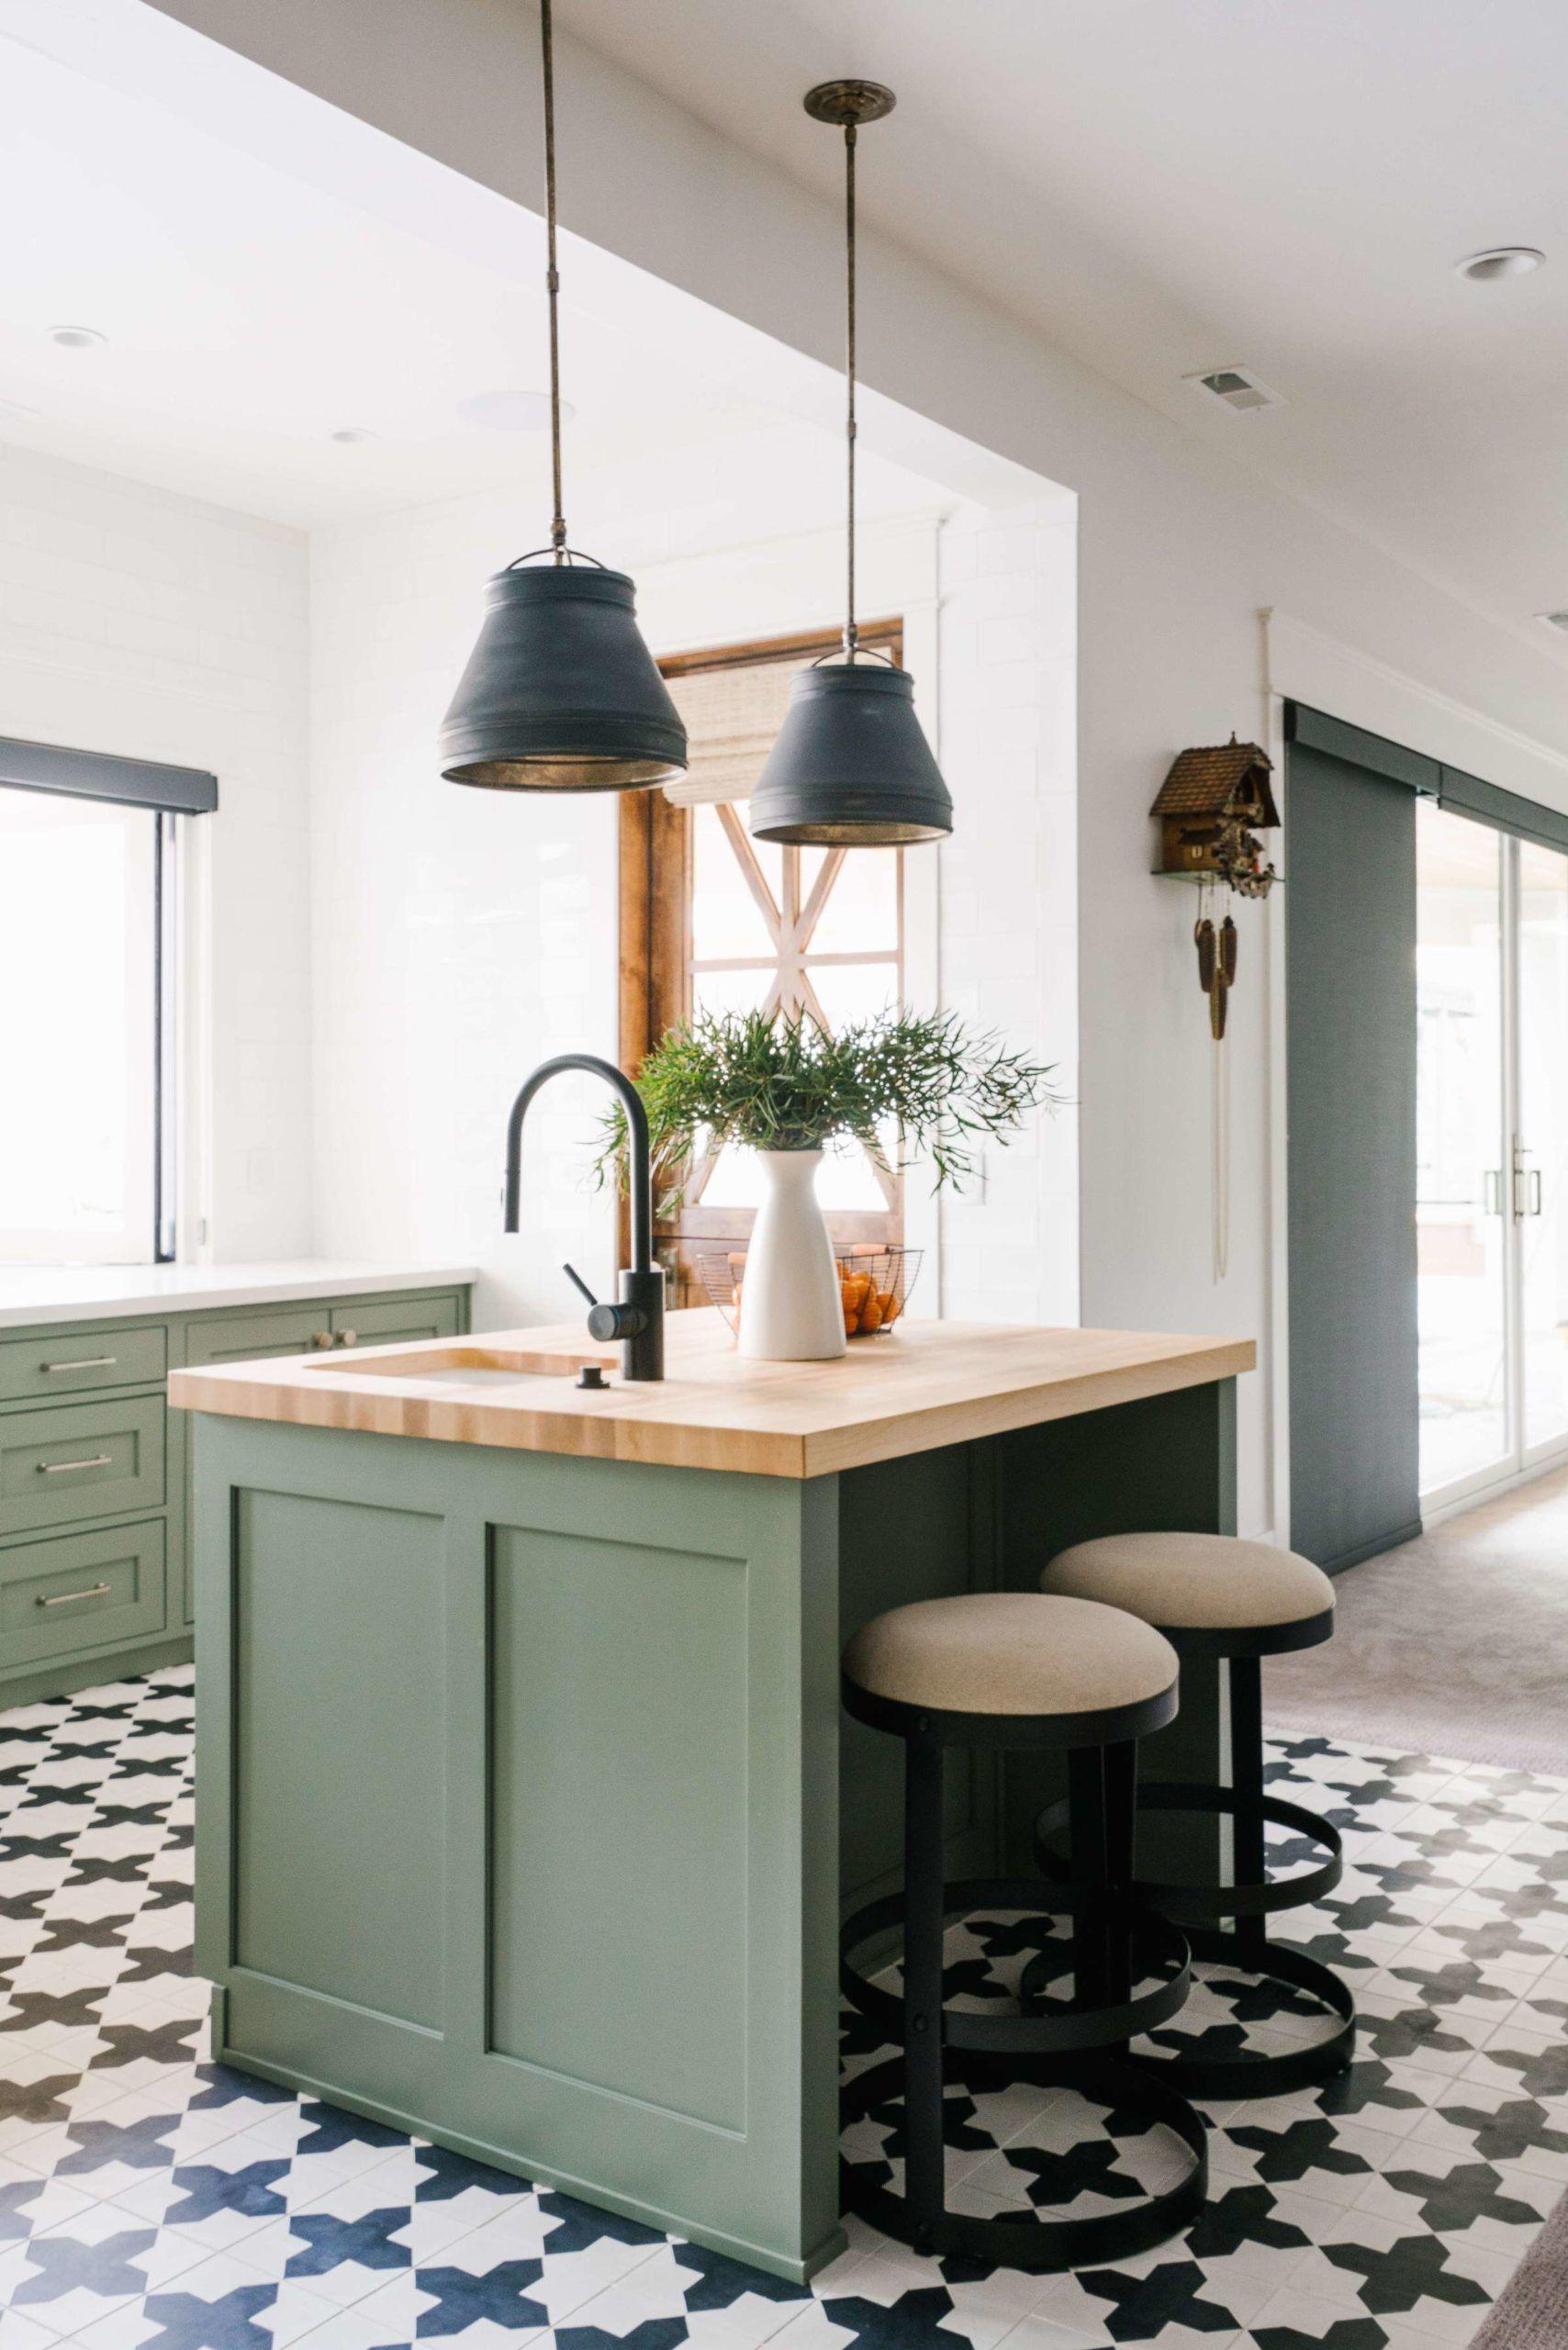 kaysville new build house of jade interiors in 2020 modern kitchen flooring kitchen on kitchen interior tiles id=81327